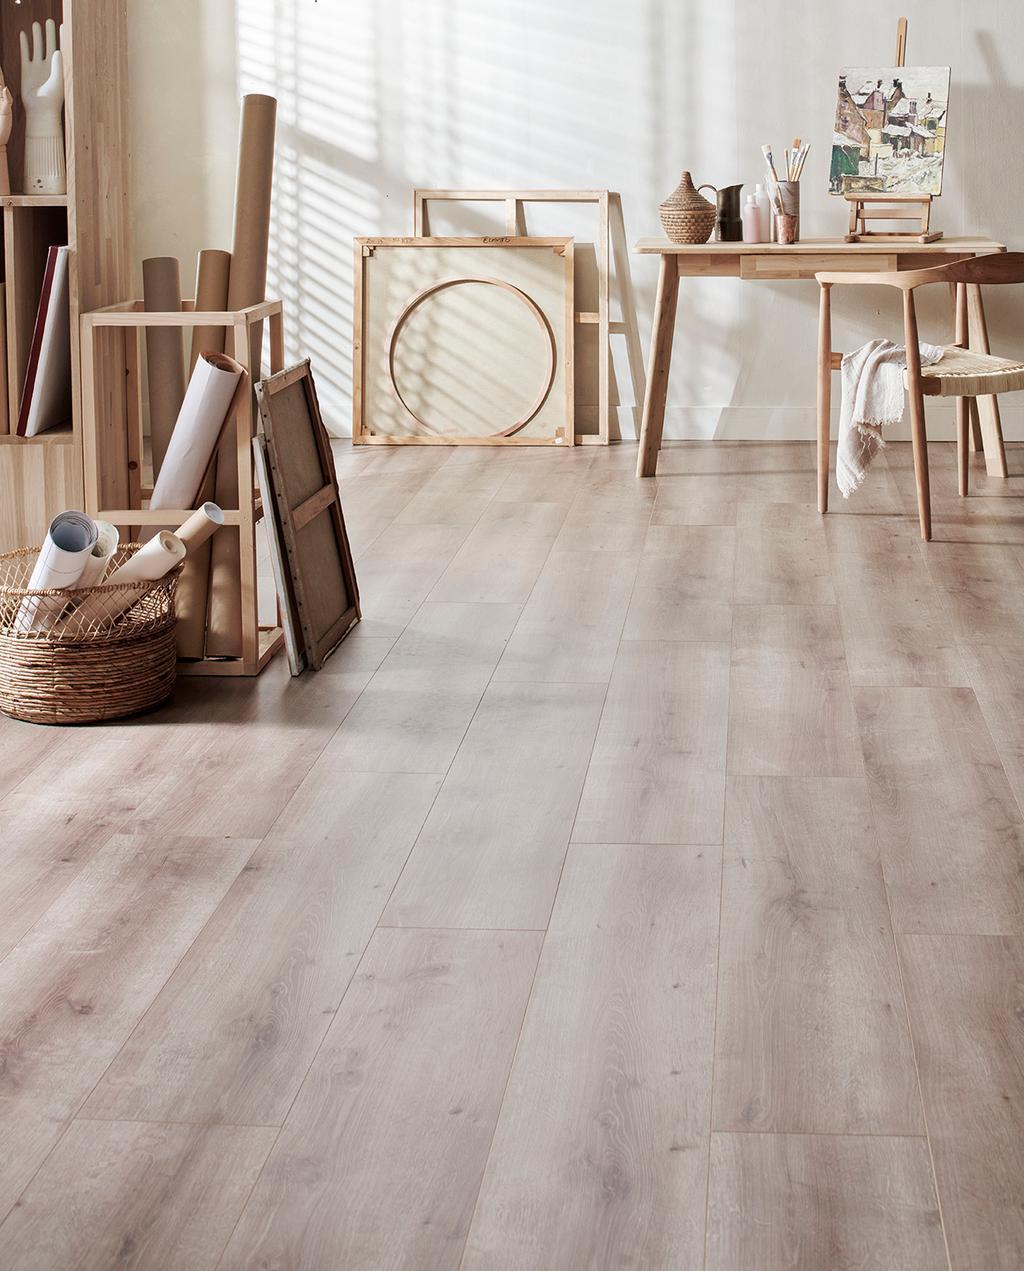 Van duurzame vloer tot houten jaloezieën: zo leg je de perfecte basis in huis - Karwei